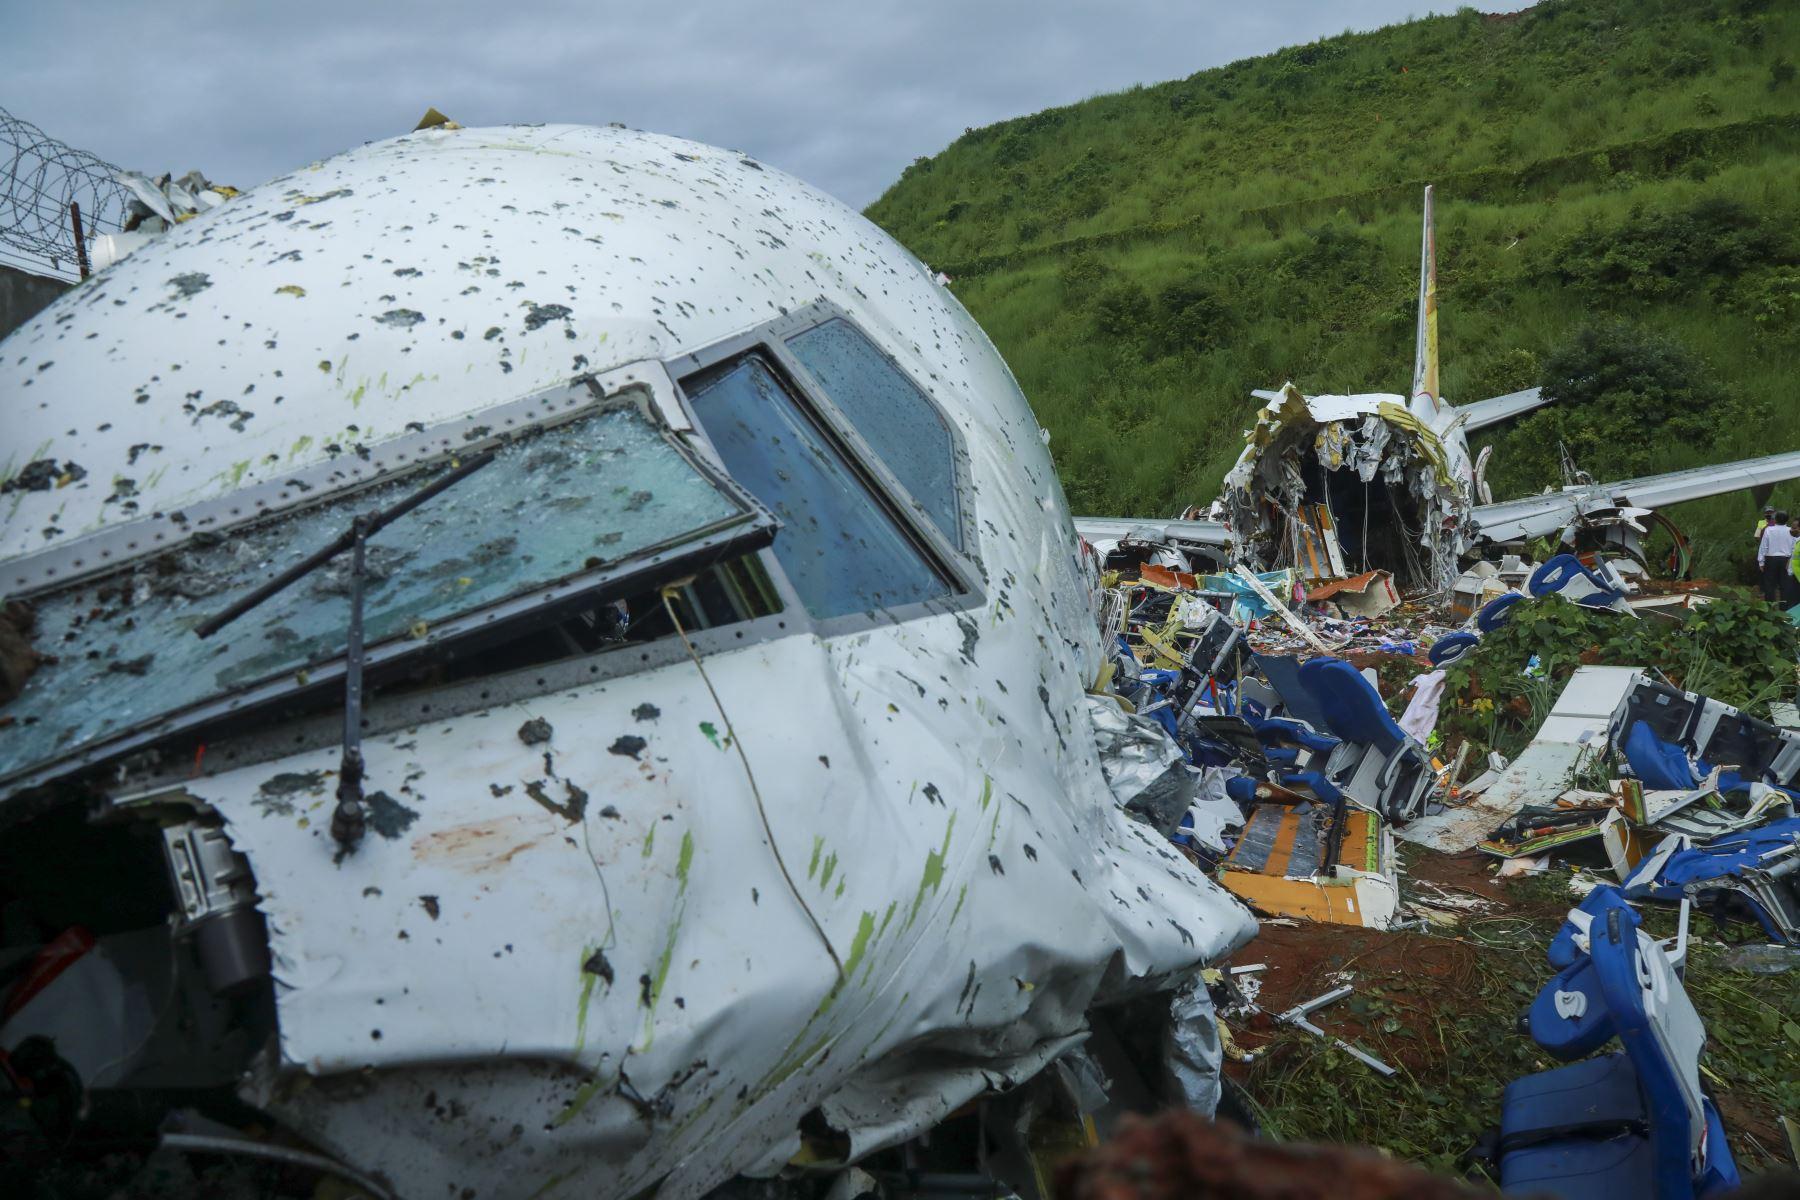 Las autoridades inspeccionan los restos del avión de Air India Express tras accidente en estado de Kerala. Foto: AFP